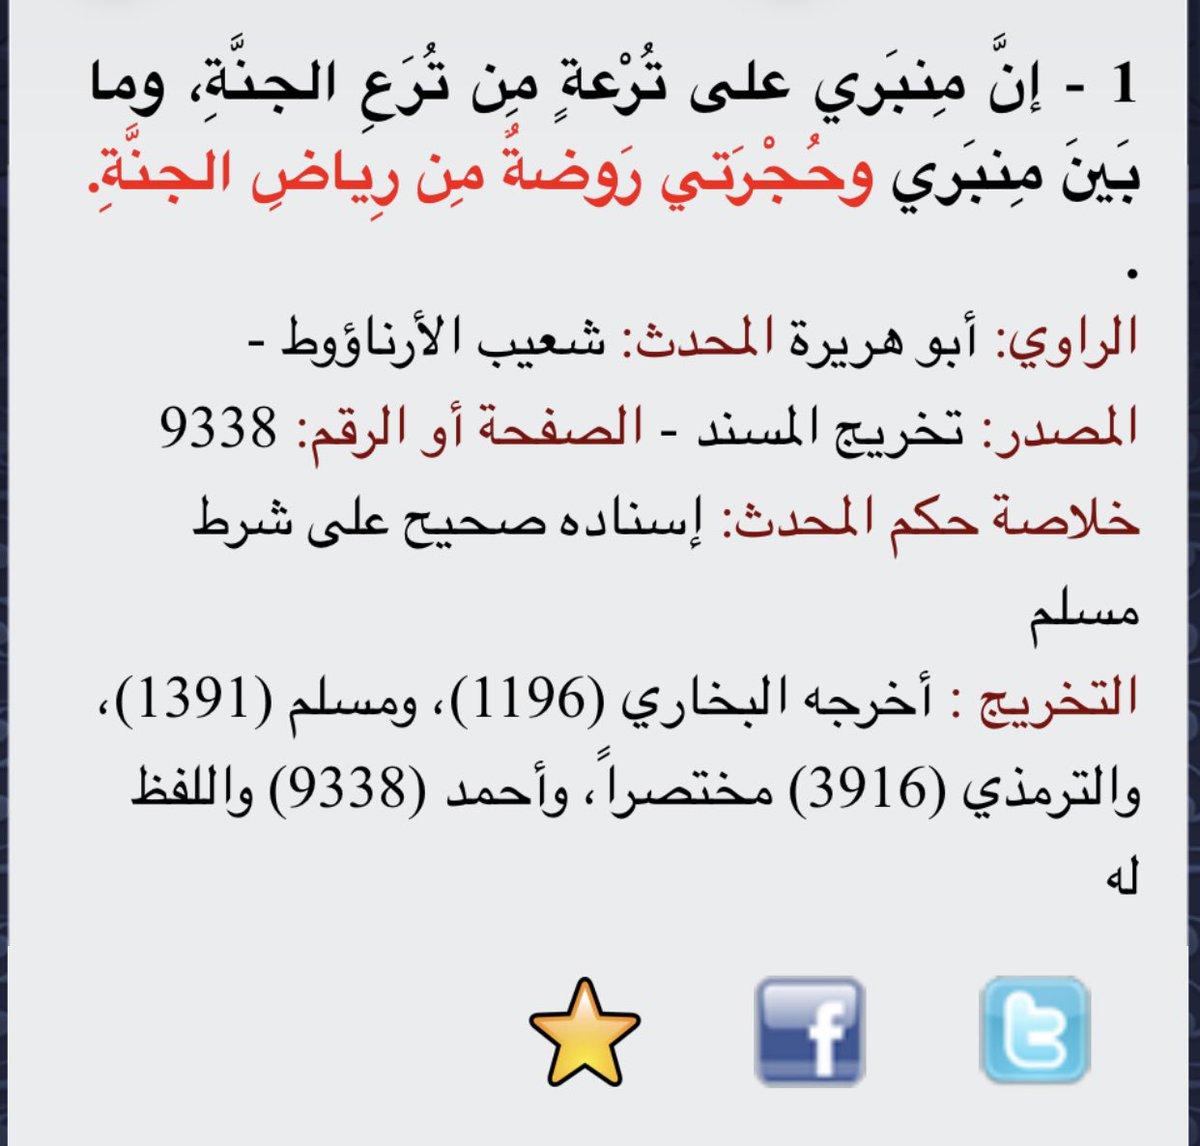 photo_1300009115356332032